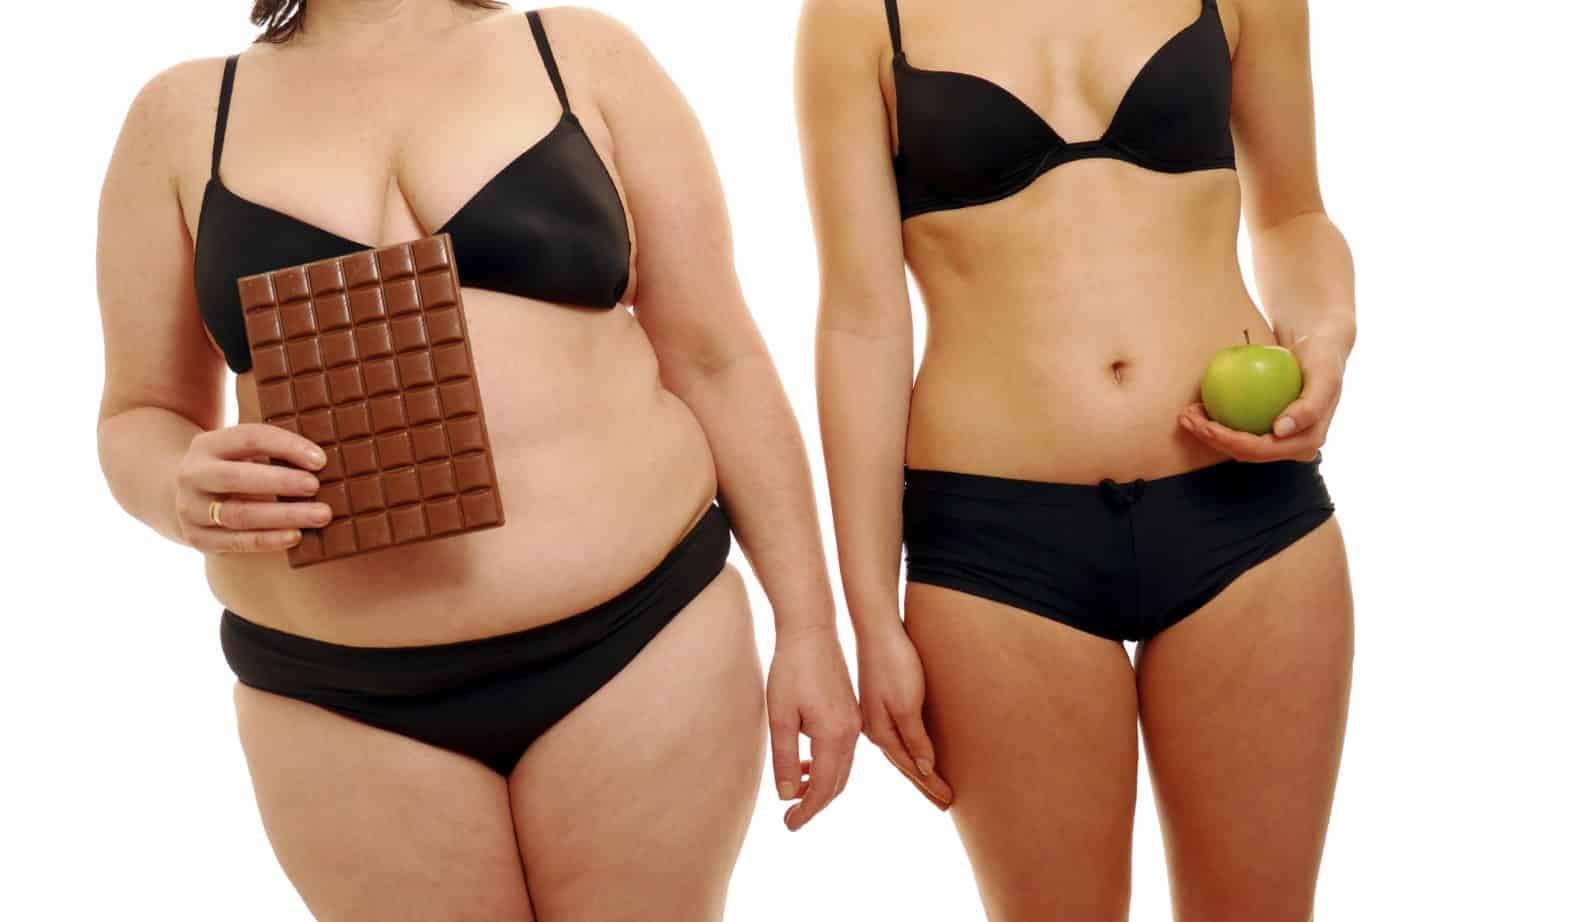 Диеты Или Как Правильно И Быстро Похудеть. 12 хитростей, которые реально помогут вам быстро похудеть в домашних условиях